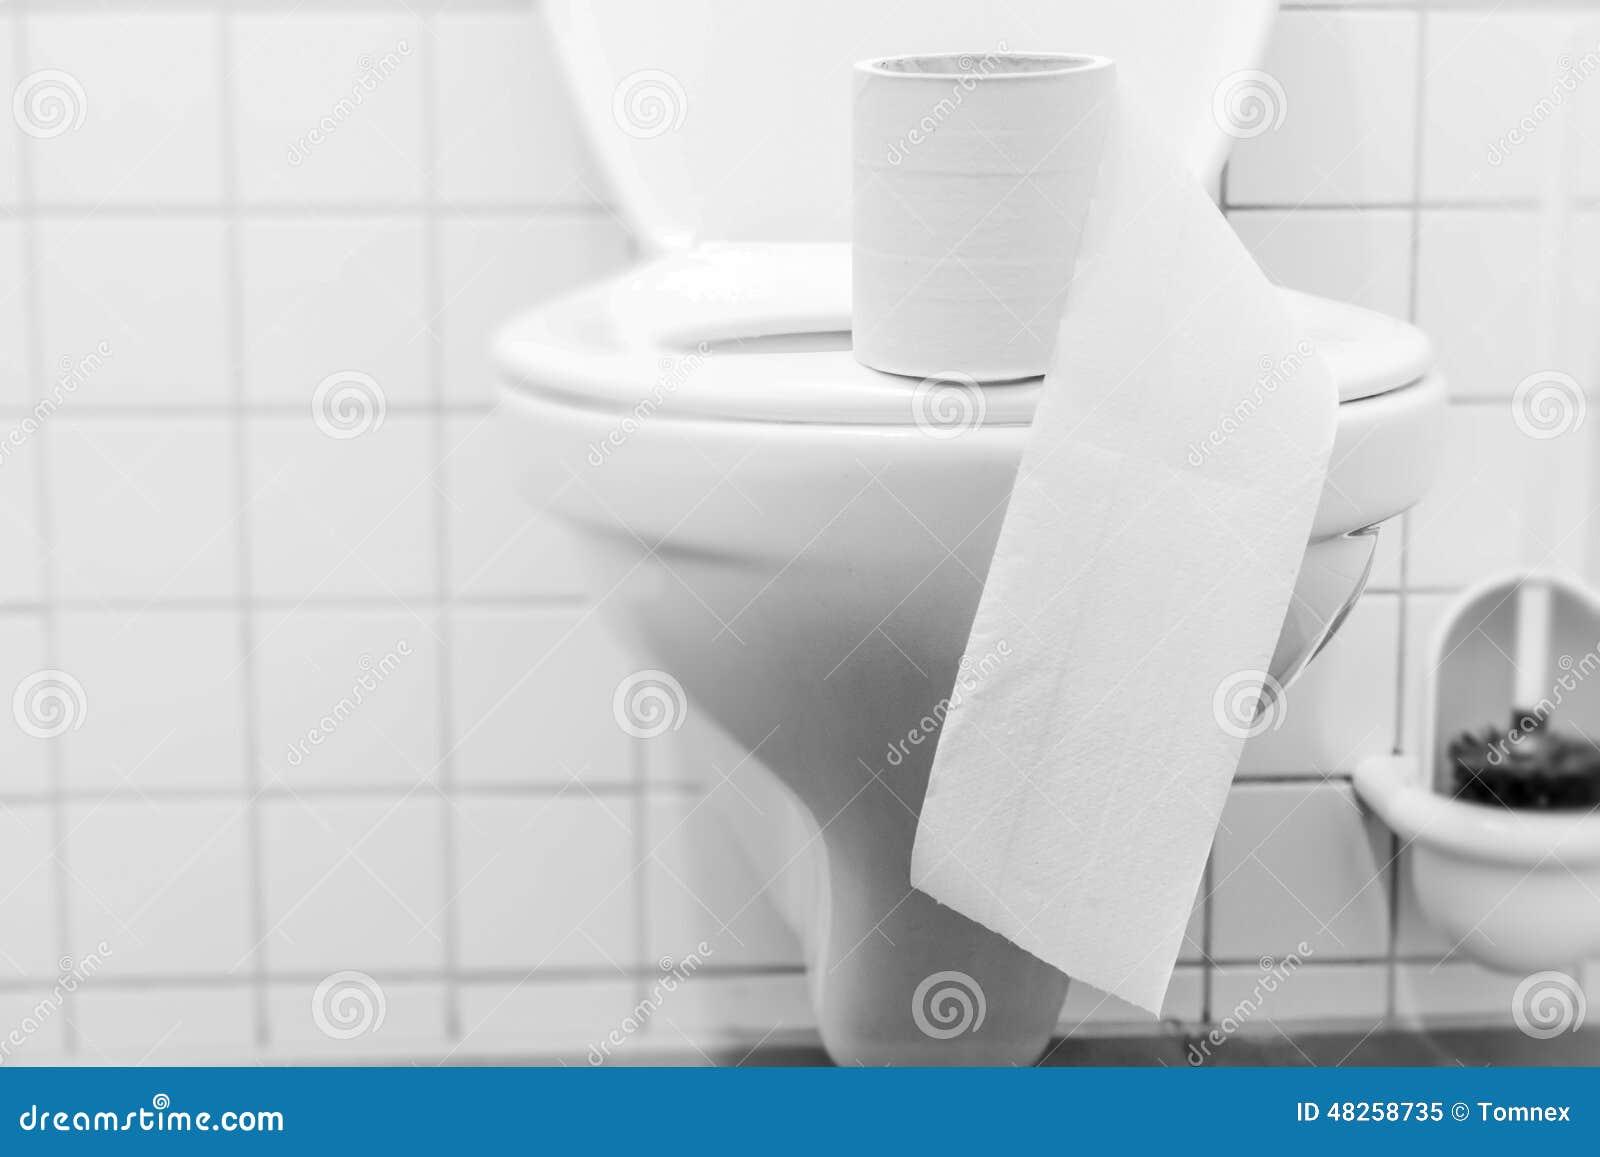 Reinigung und Hygiene